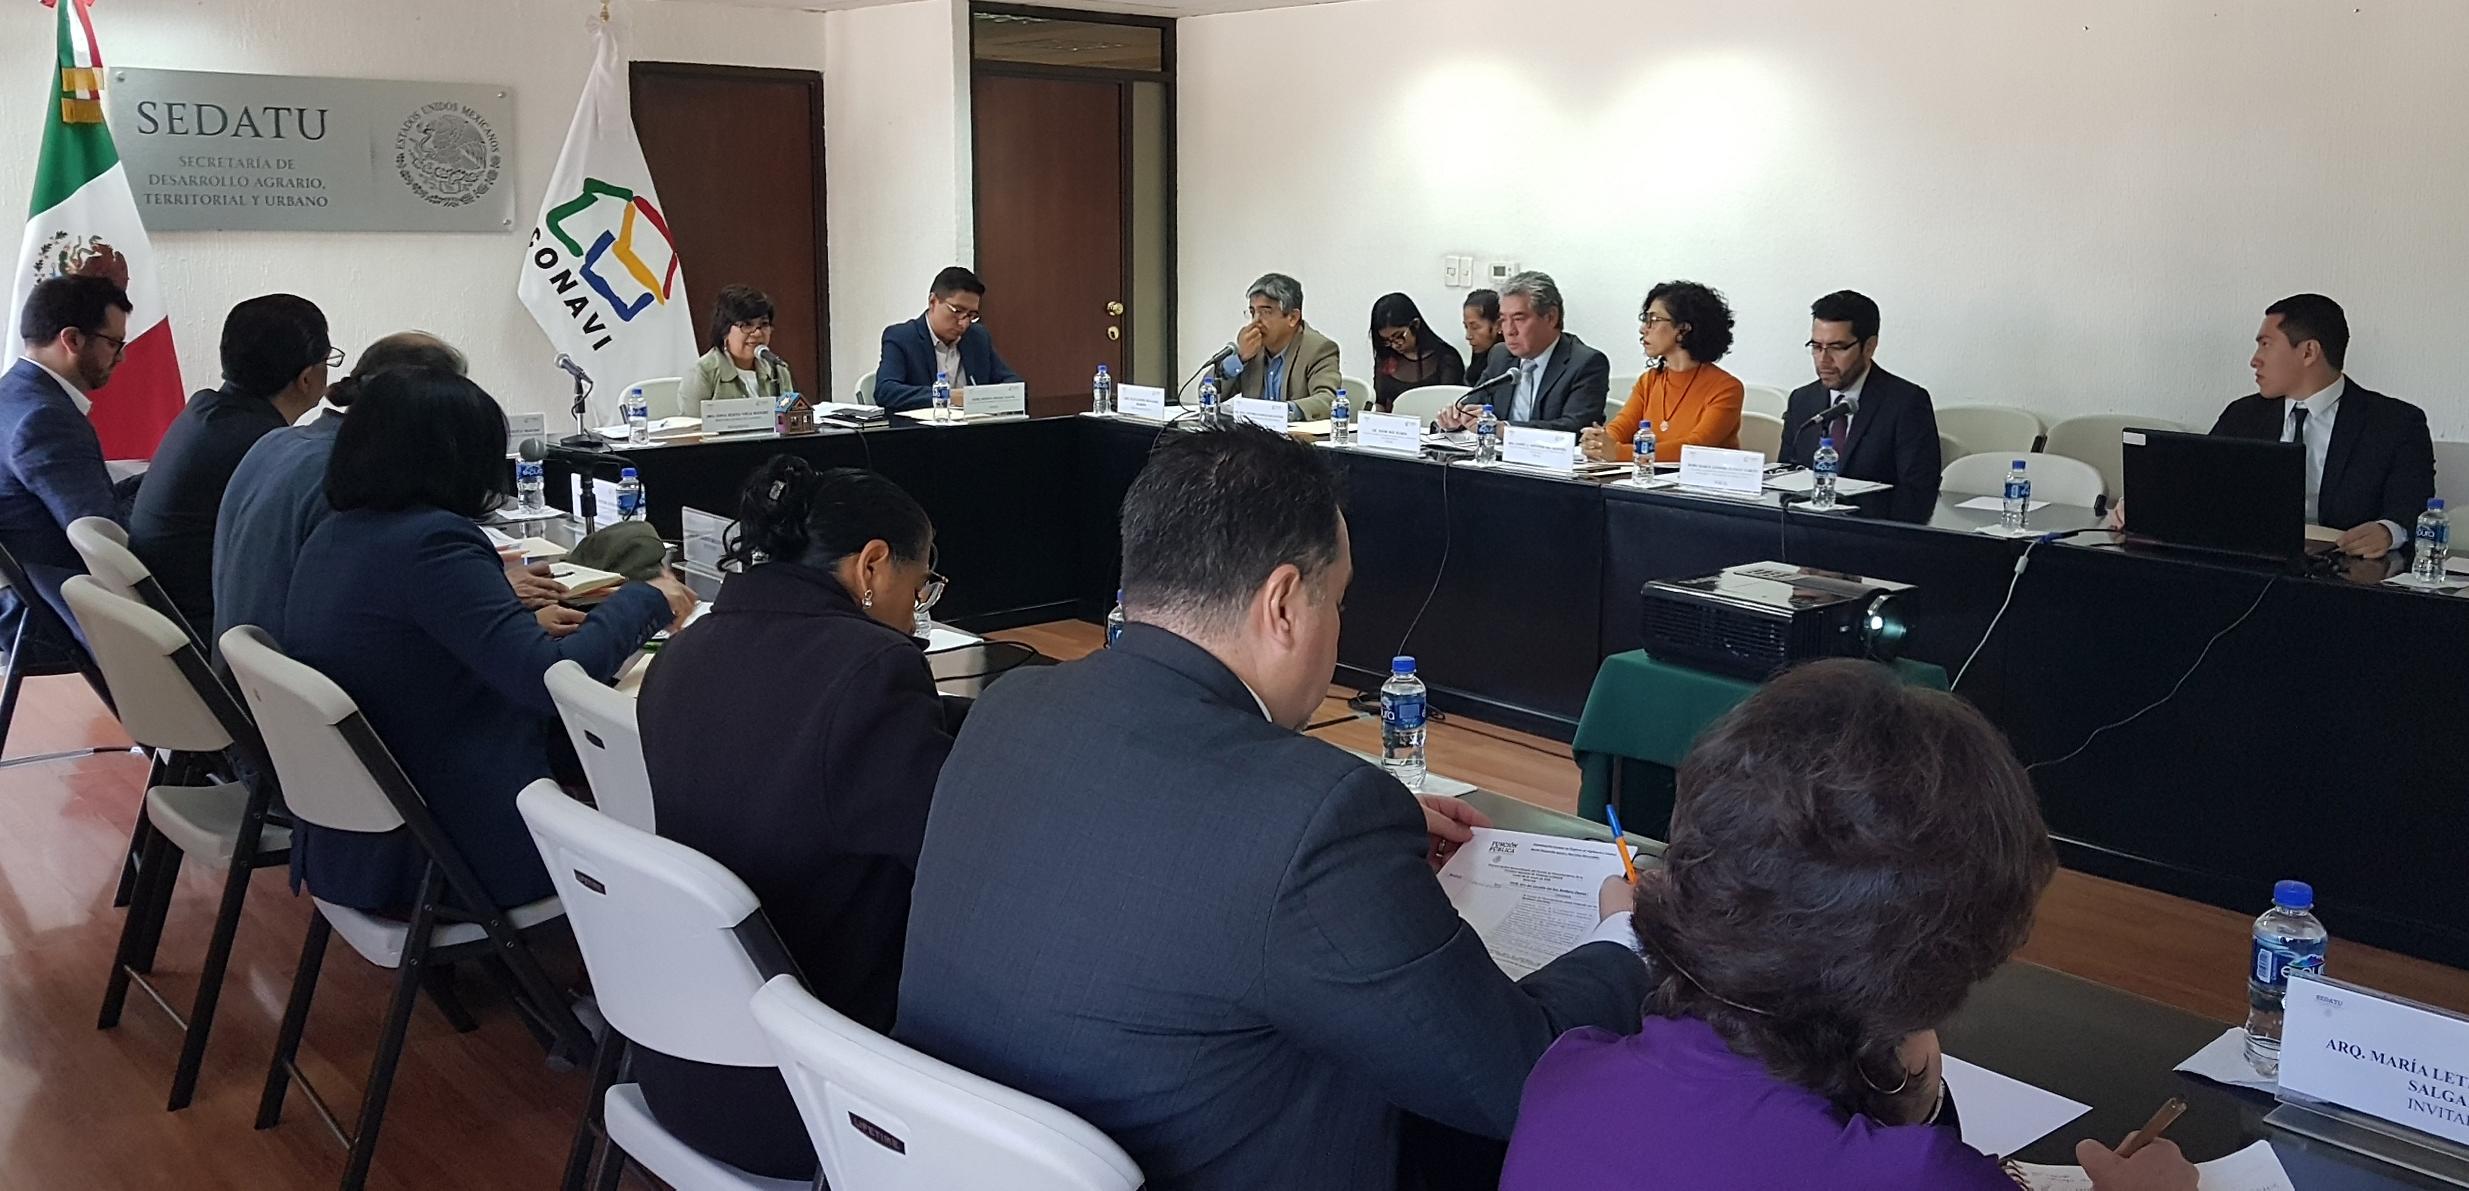 Sesión de Instalación y Primera Sesión Extraordinaria del Comité de Financiamiento.